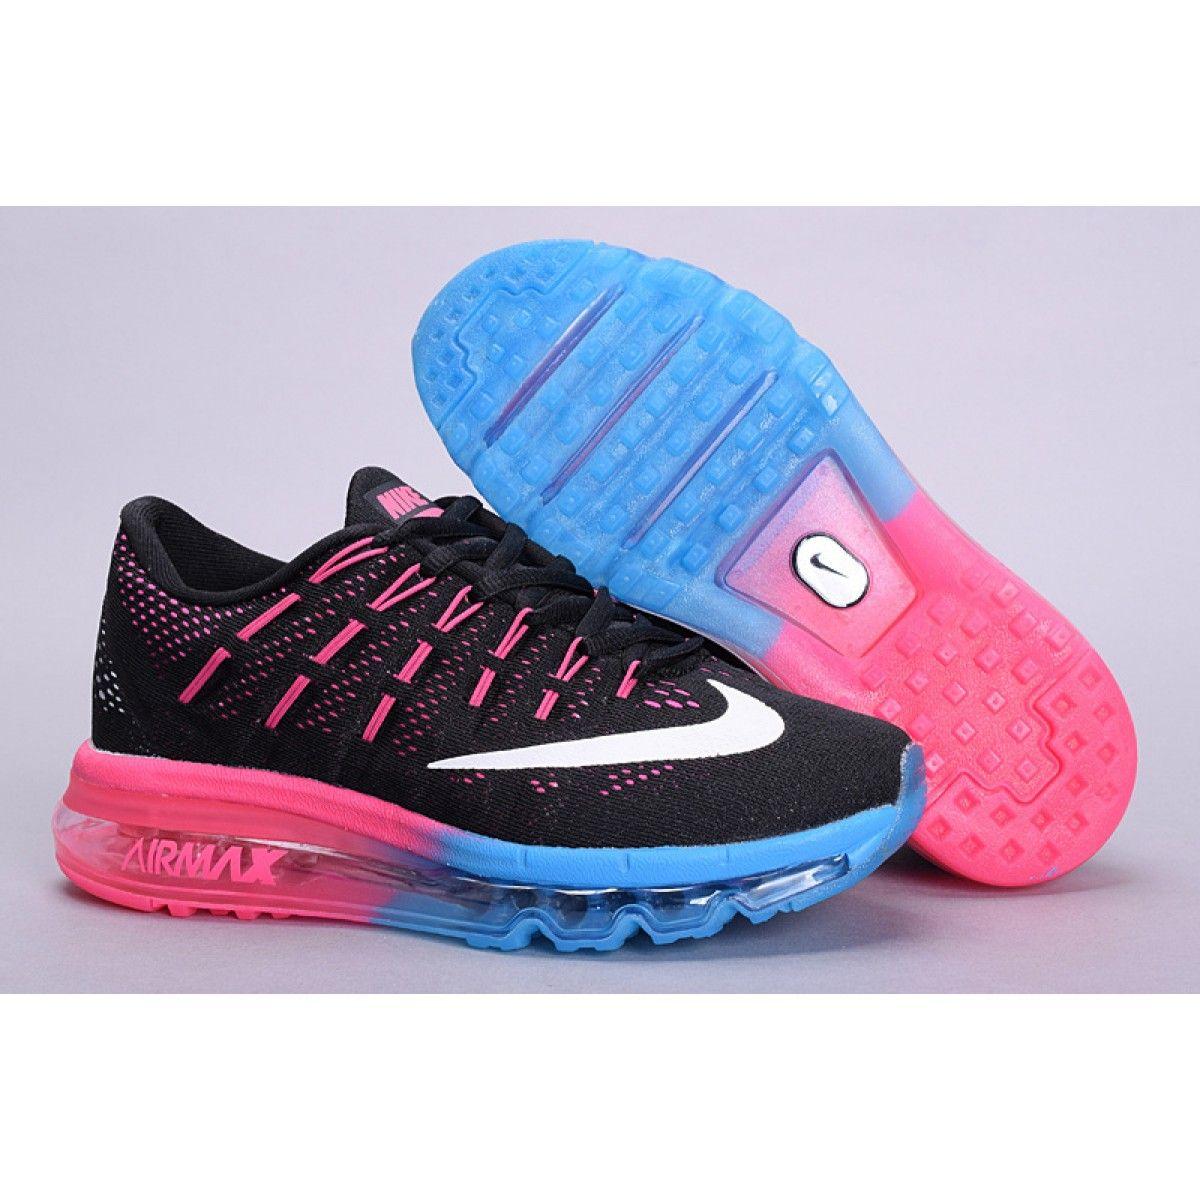 uk availability 09d25 bb4f9 Acheter Vente nouvelle collection Chaussures Nike  Airmax2016Noir Rose Bleu  Femme Pas Cher en Ligne http